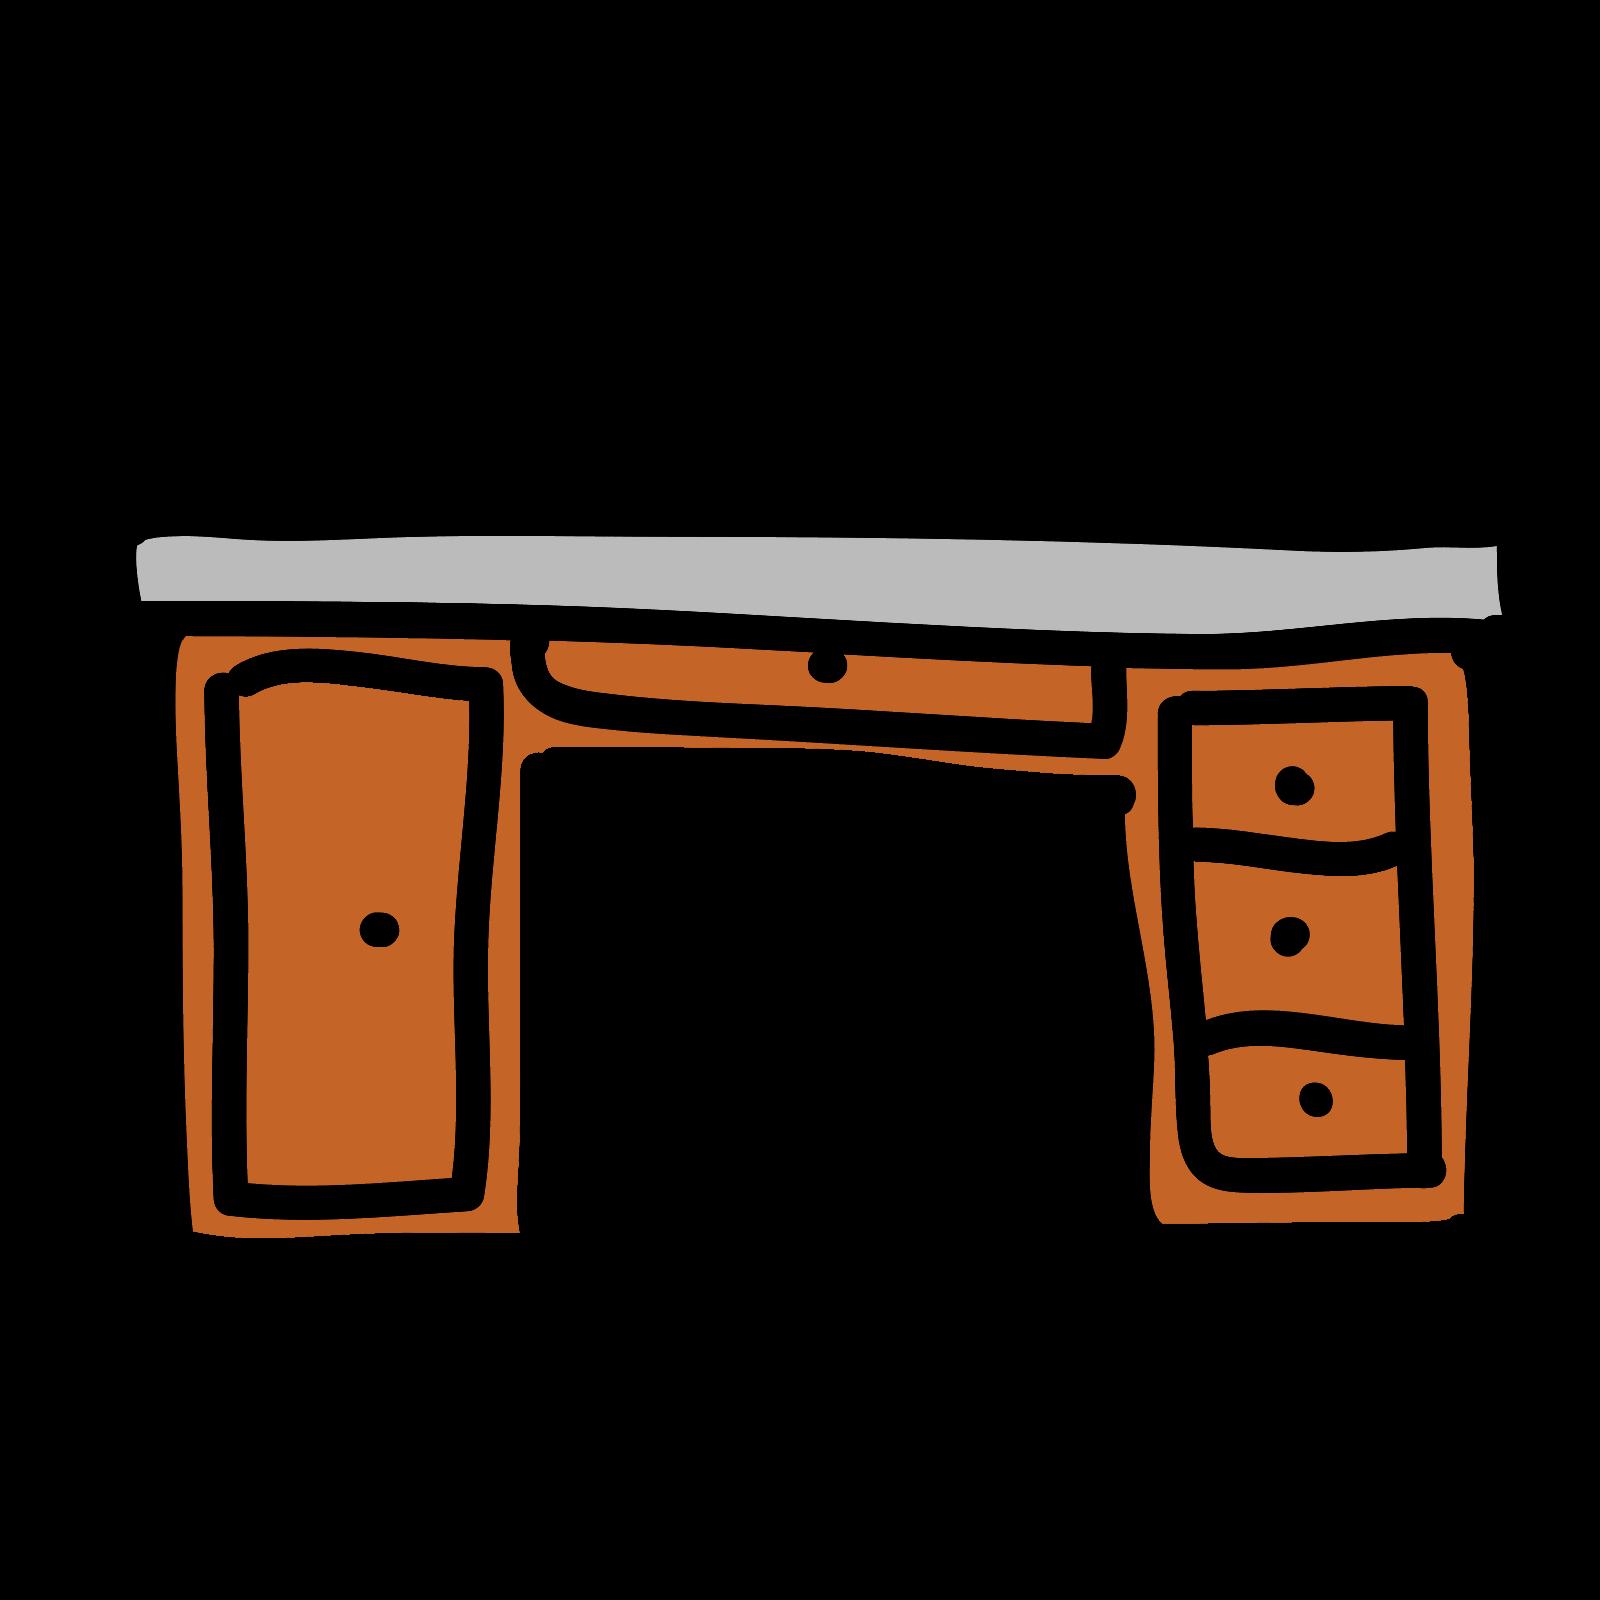 Icono descarga gratuita png. Desk clipart vector school